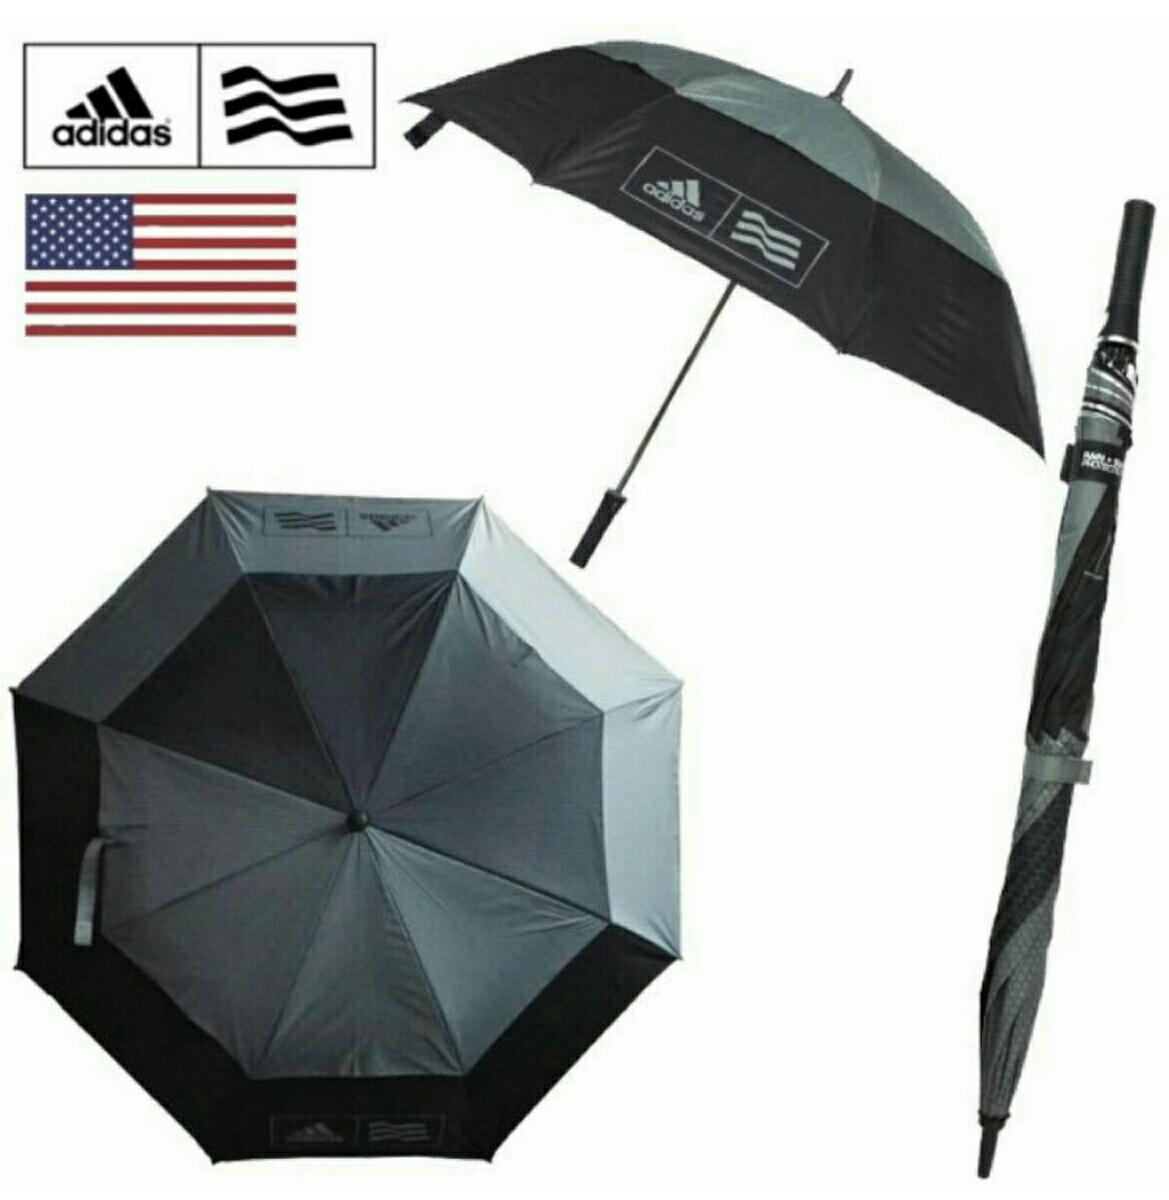 アディダス ダブルキャノピーUVアンブレラ グレー 直径137cm adidas ゴルフ 日傘 晴雨兼用 長傘 グローブ ラスト